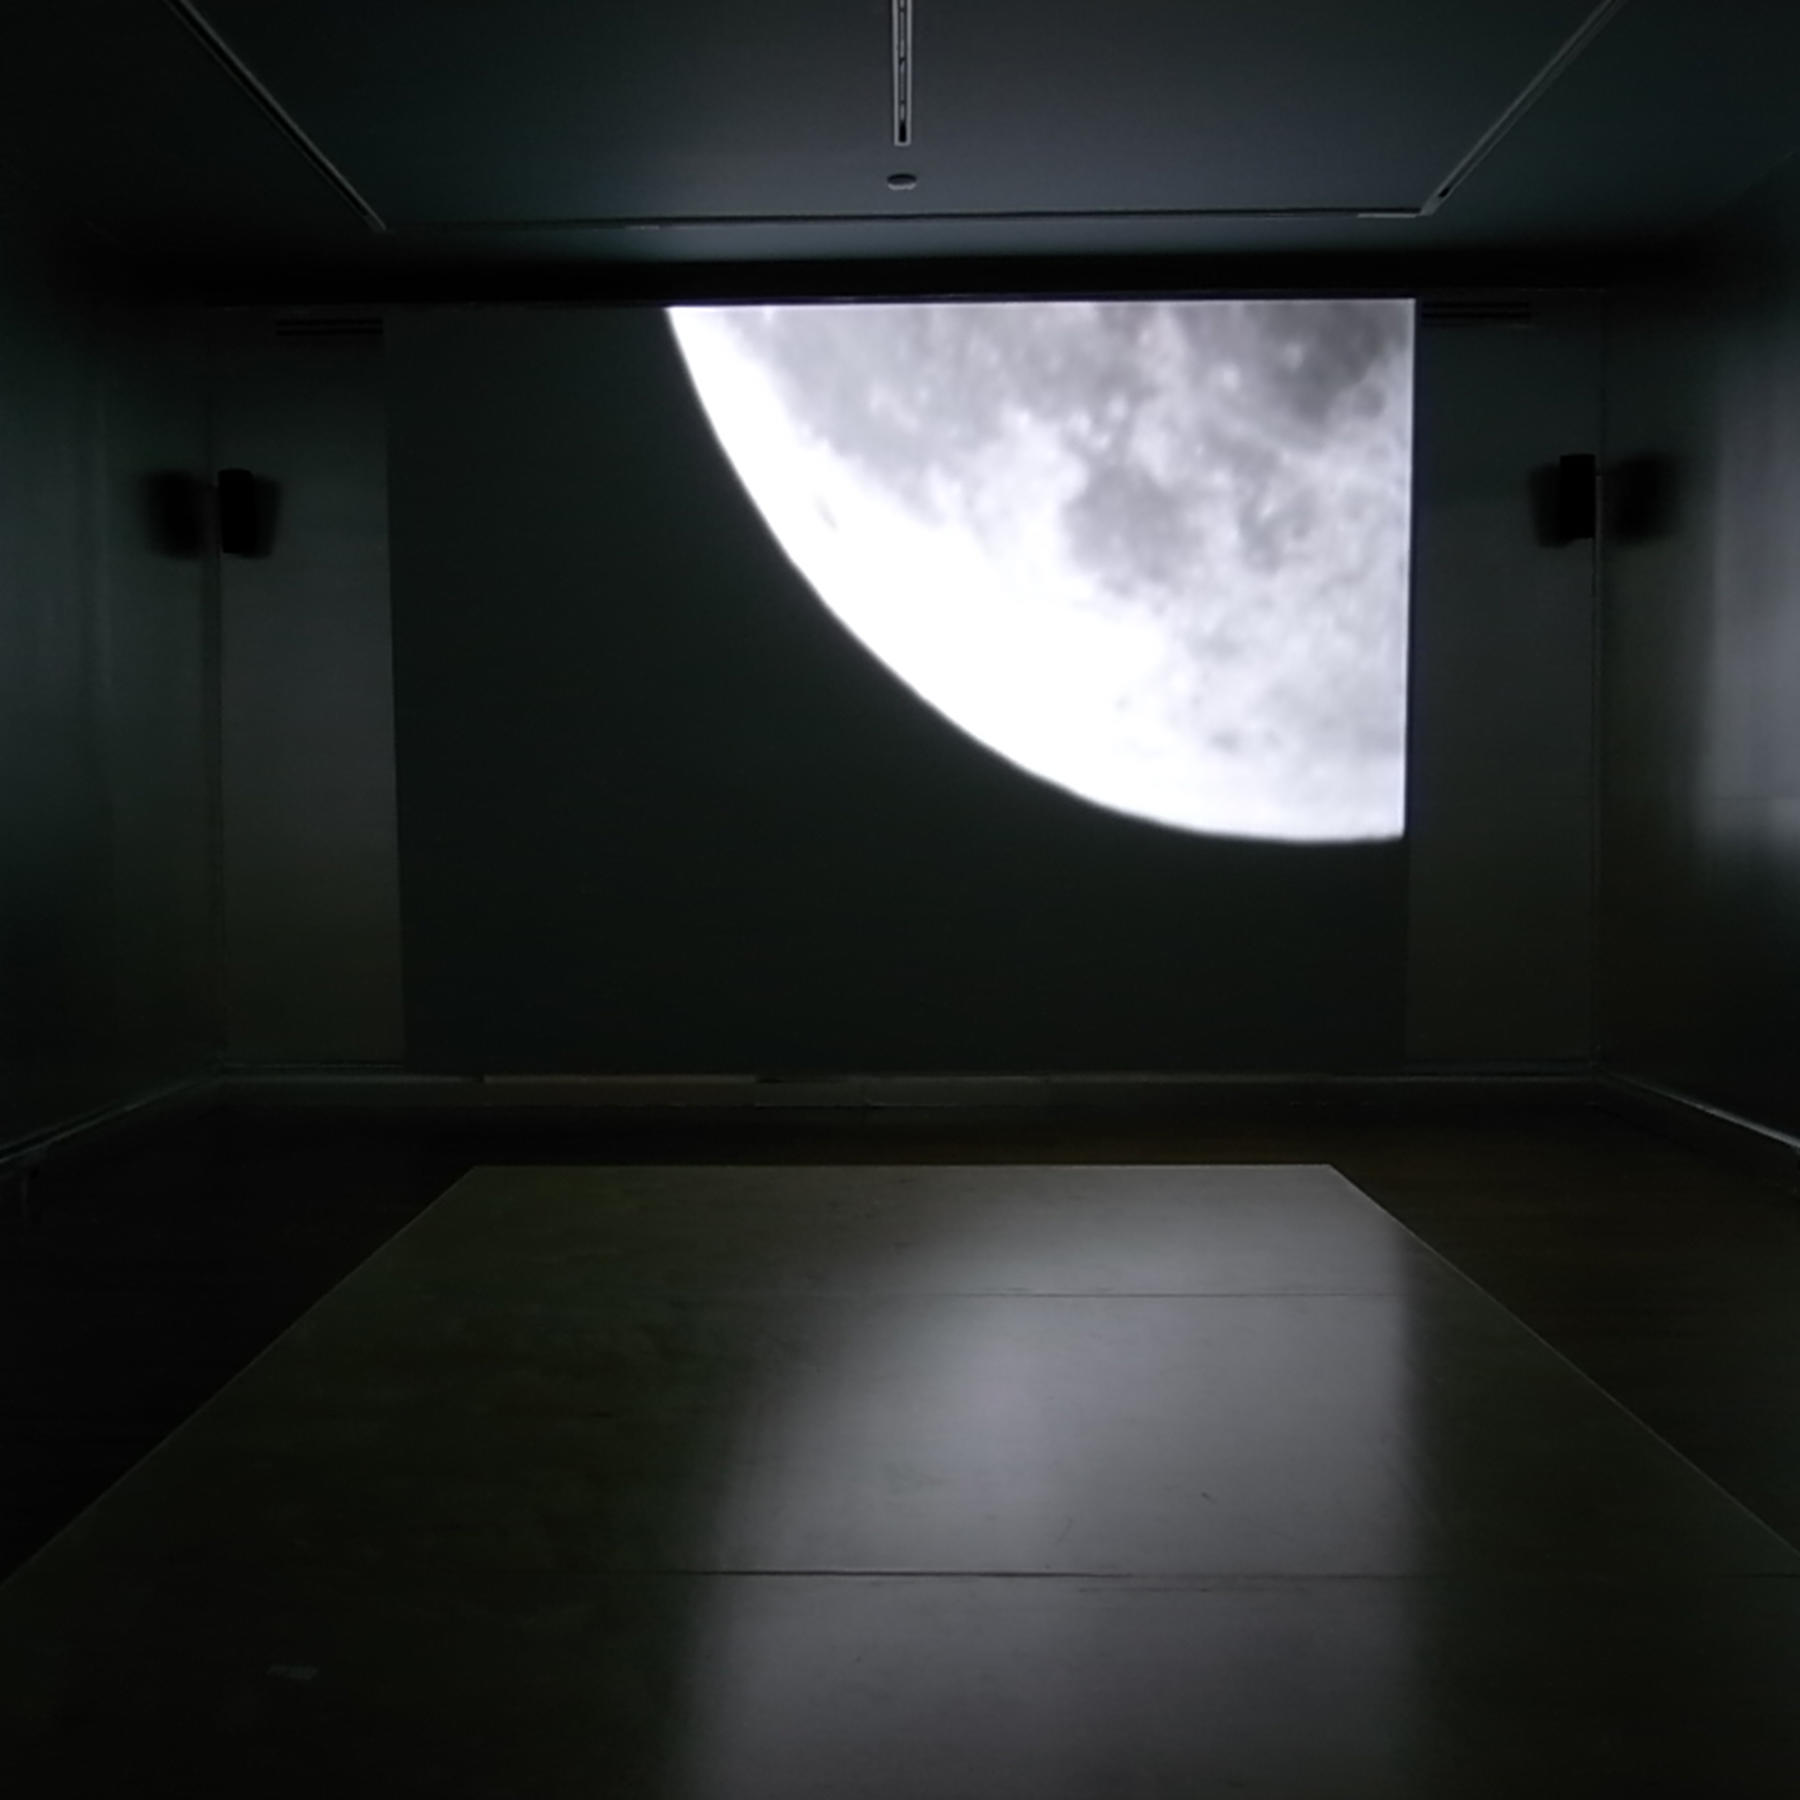 Installation view of Lunar Reflections, 2009, Isabella Stewart Gardner Museum, Boston.